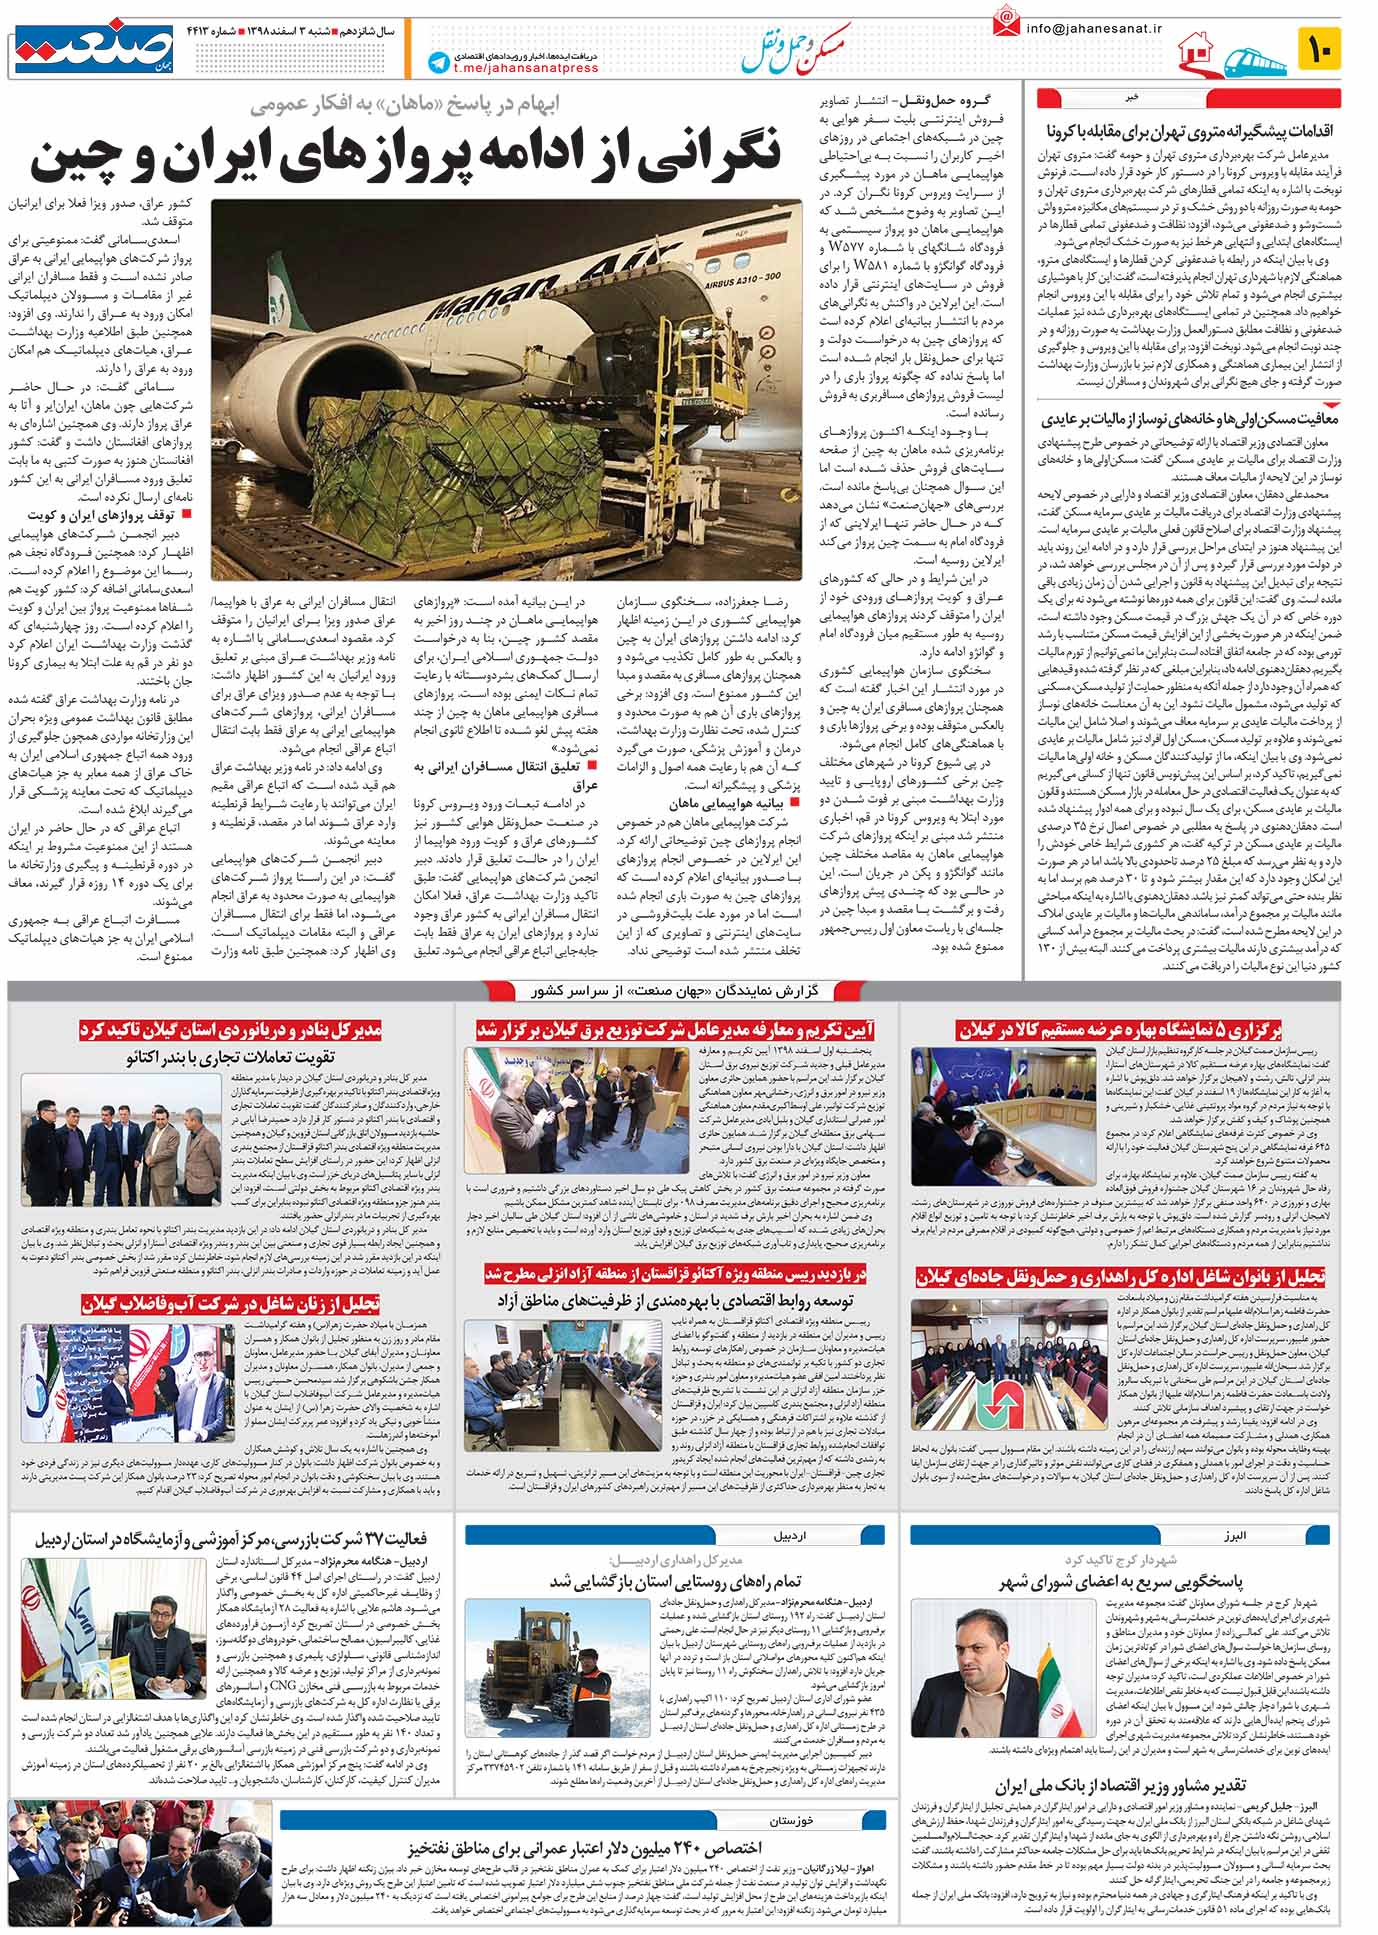 صفحه۱۰-۳اسفند۱۳۹۸